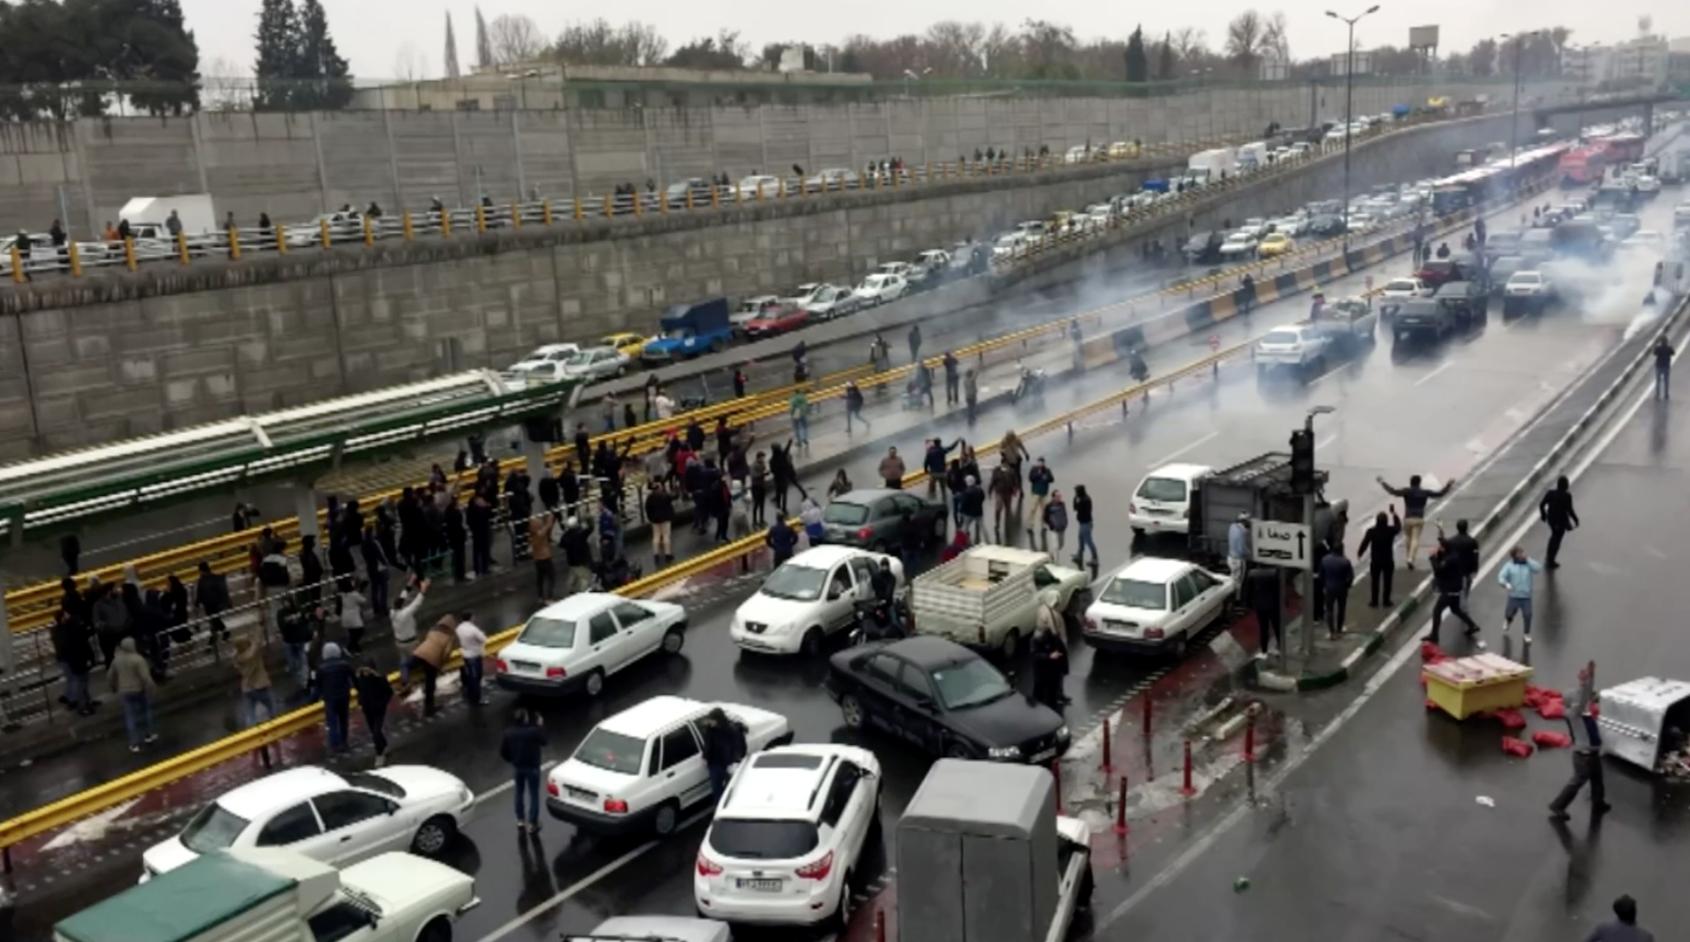 Lãnh đạo Iran ra lệnh đàn áp người biểu tình bất cứ giá nào